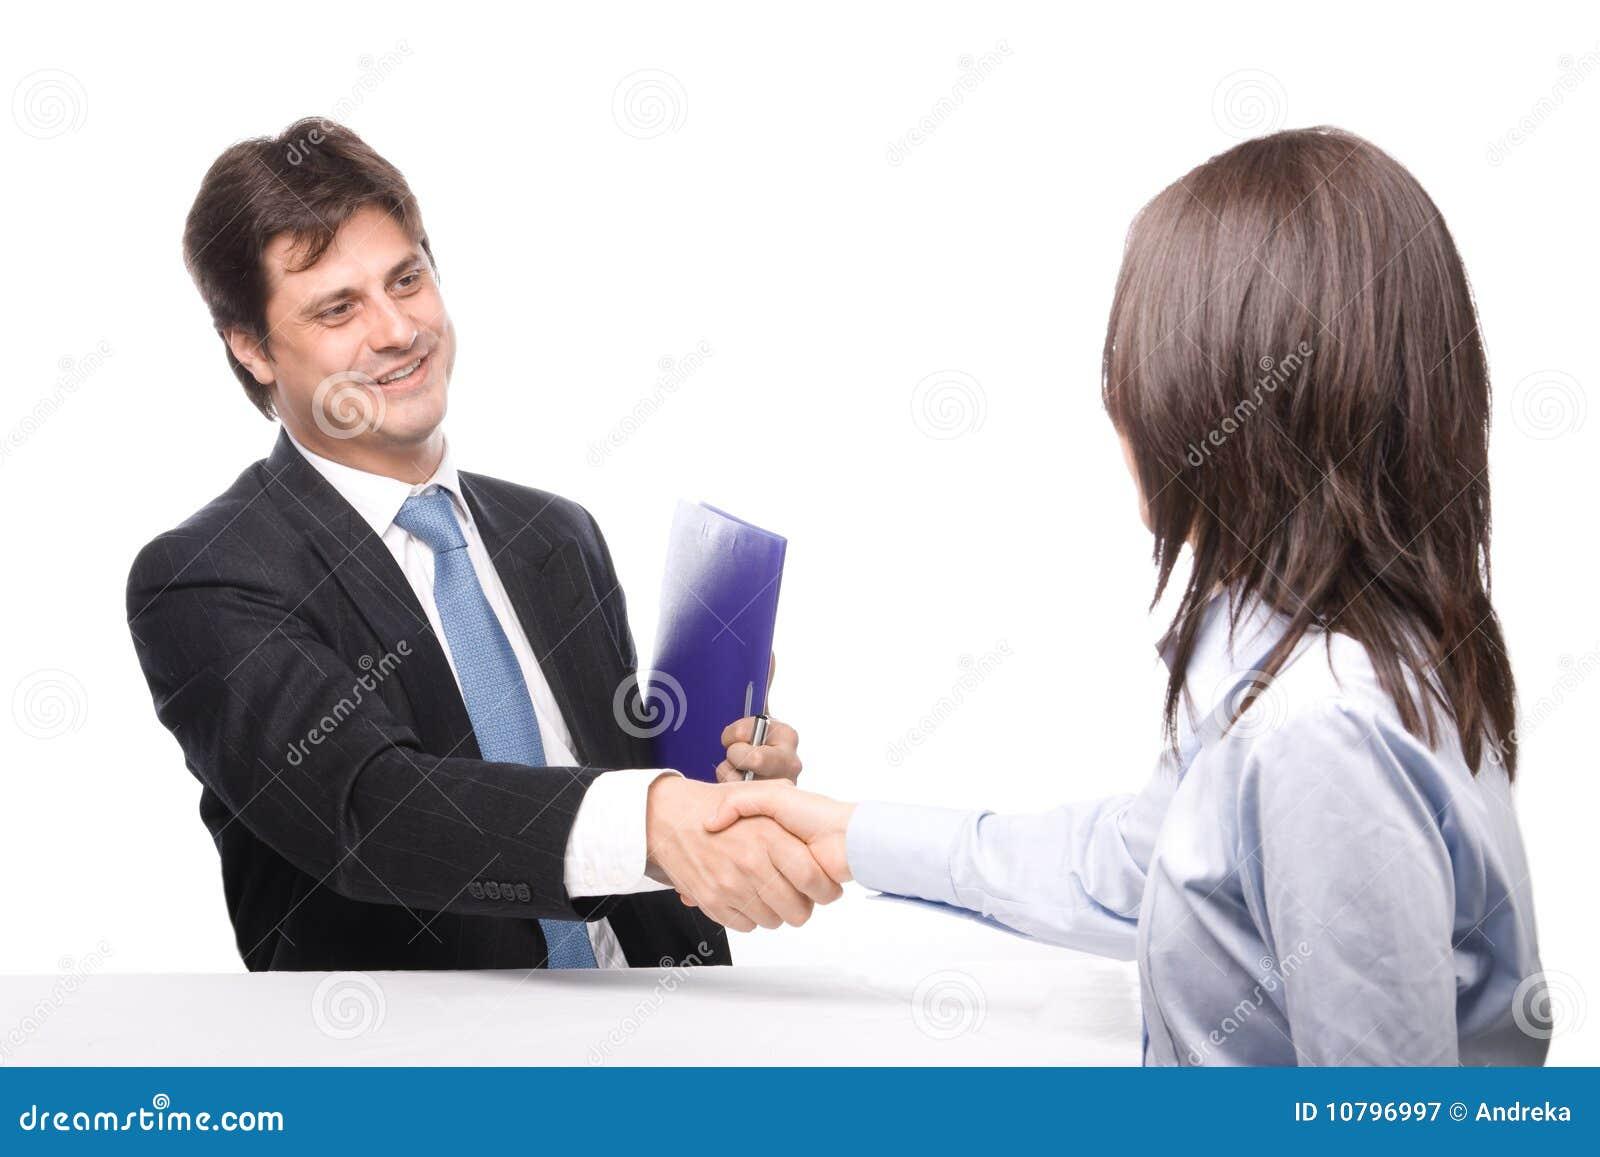 Елена как лучше общаться с руководителем самодуром веков заповеди